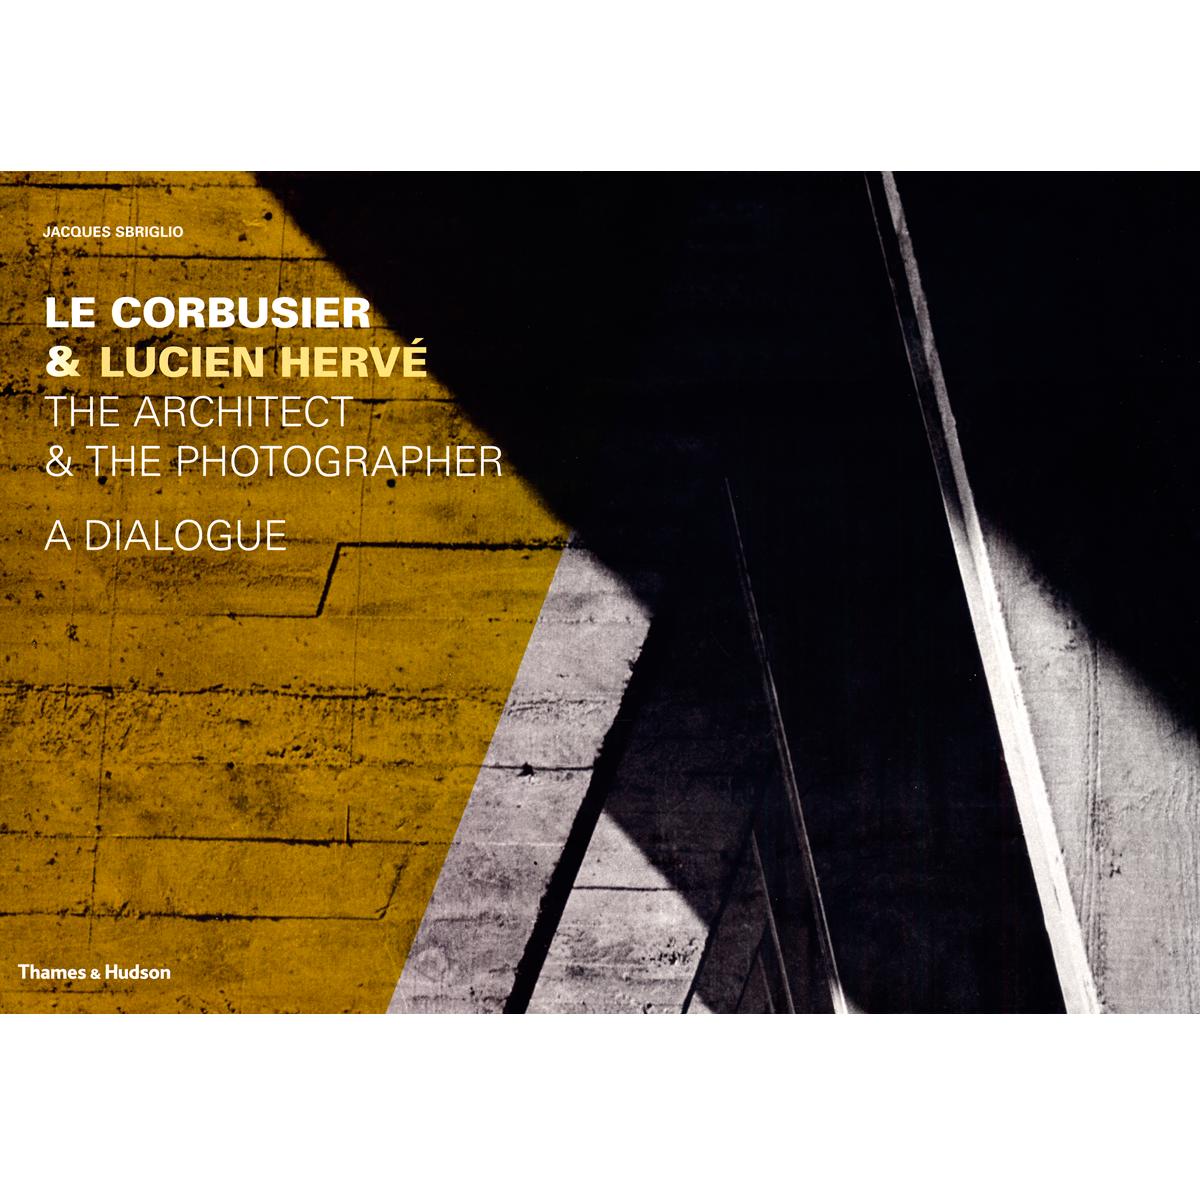 Le Corbusier & Lucien Hervé